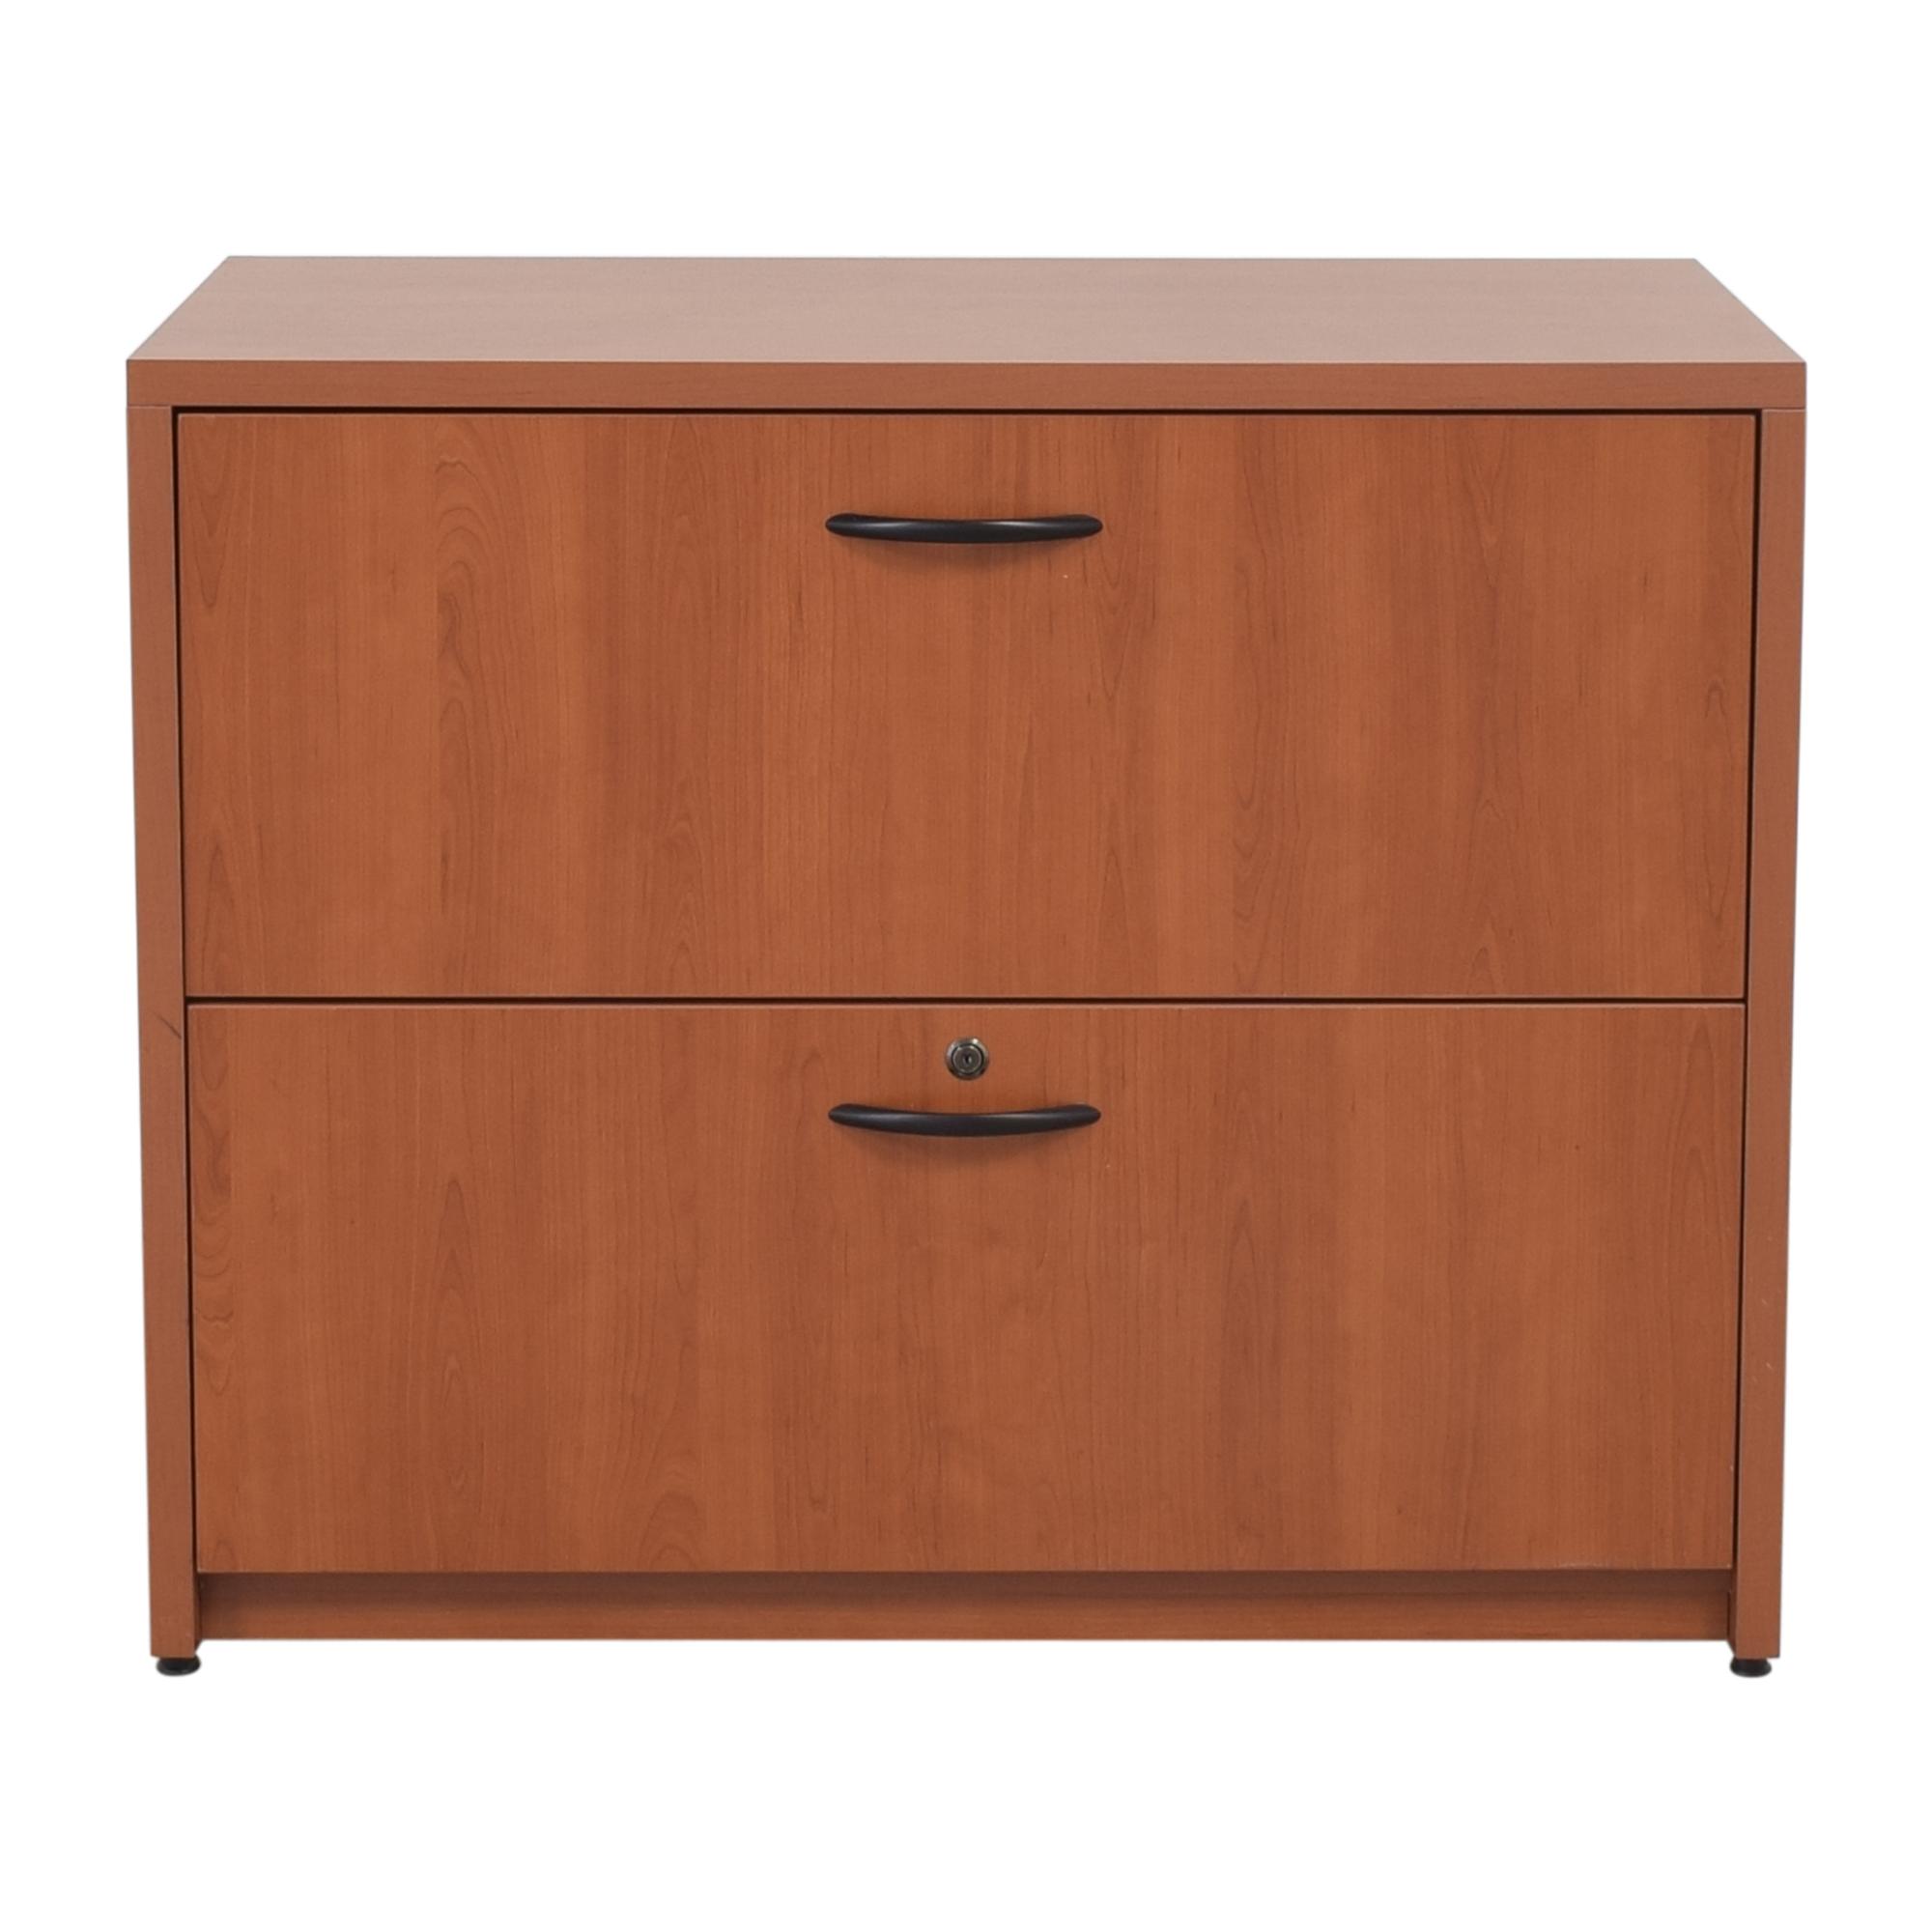 shop TransAmerican Filing Cabinet TransAmerican Filing & Bins